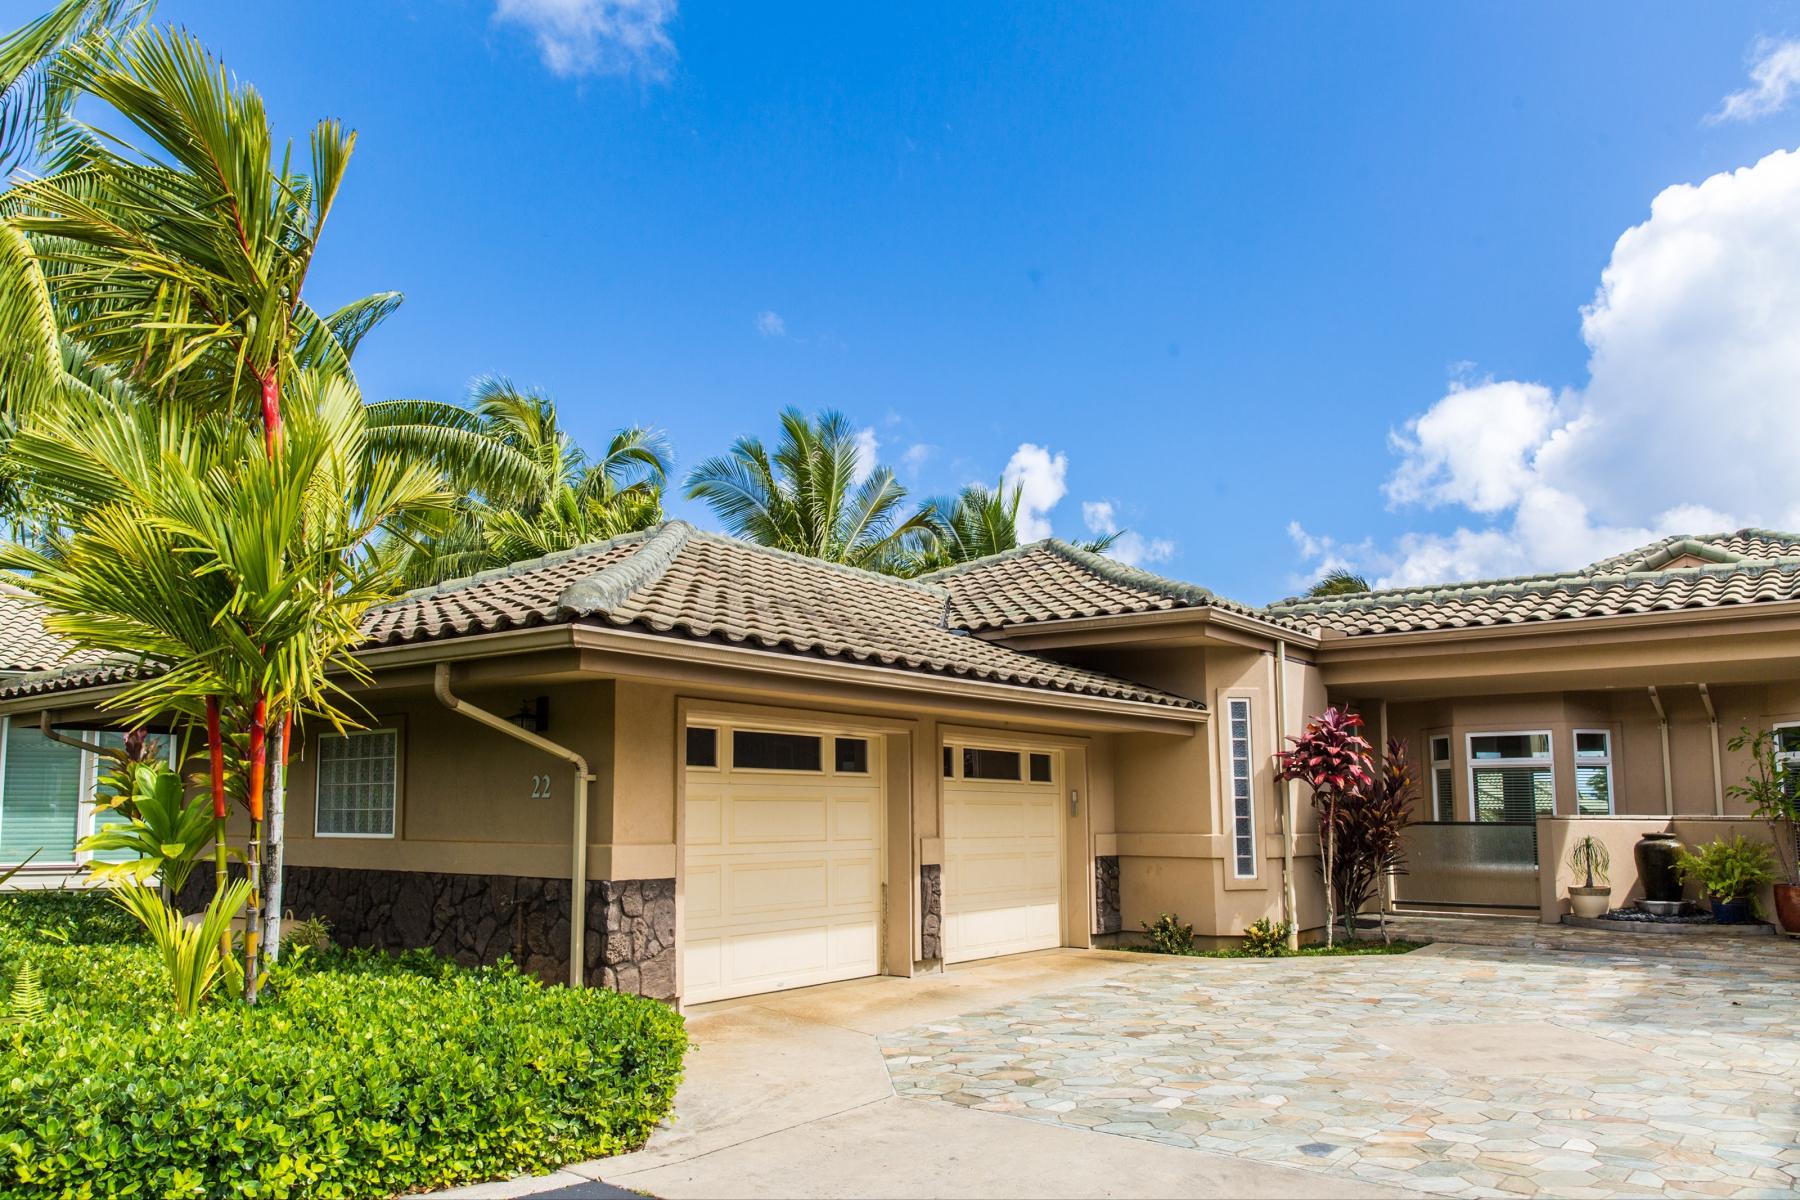 共管式独立产权公寓 为 销售 在 Ka'iulani of Princeville #22 4100 Queen Emmas Dr. #22 普林斯维尔, 夏威夷, 96722 美国